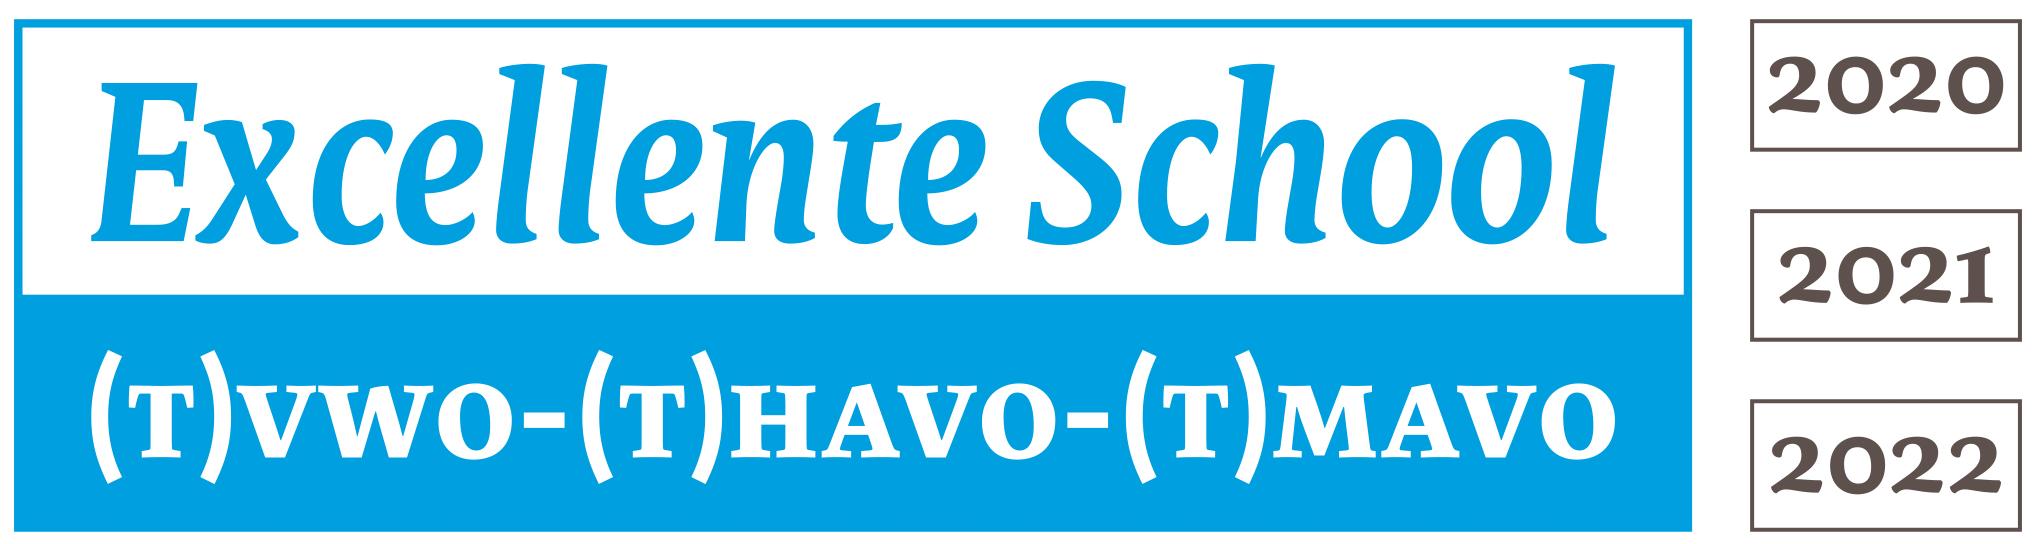 Excellente School logo